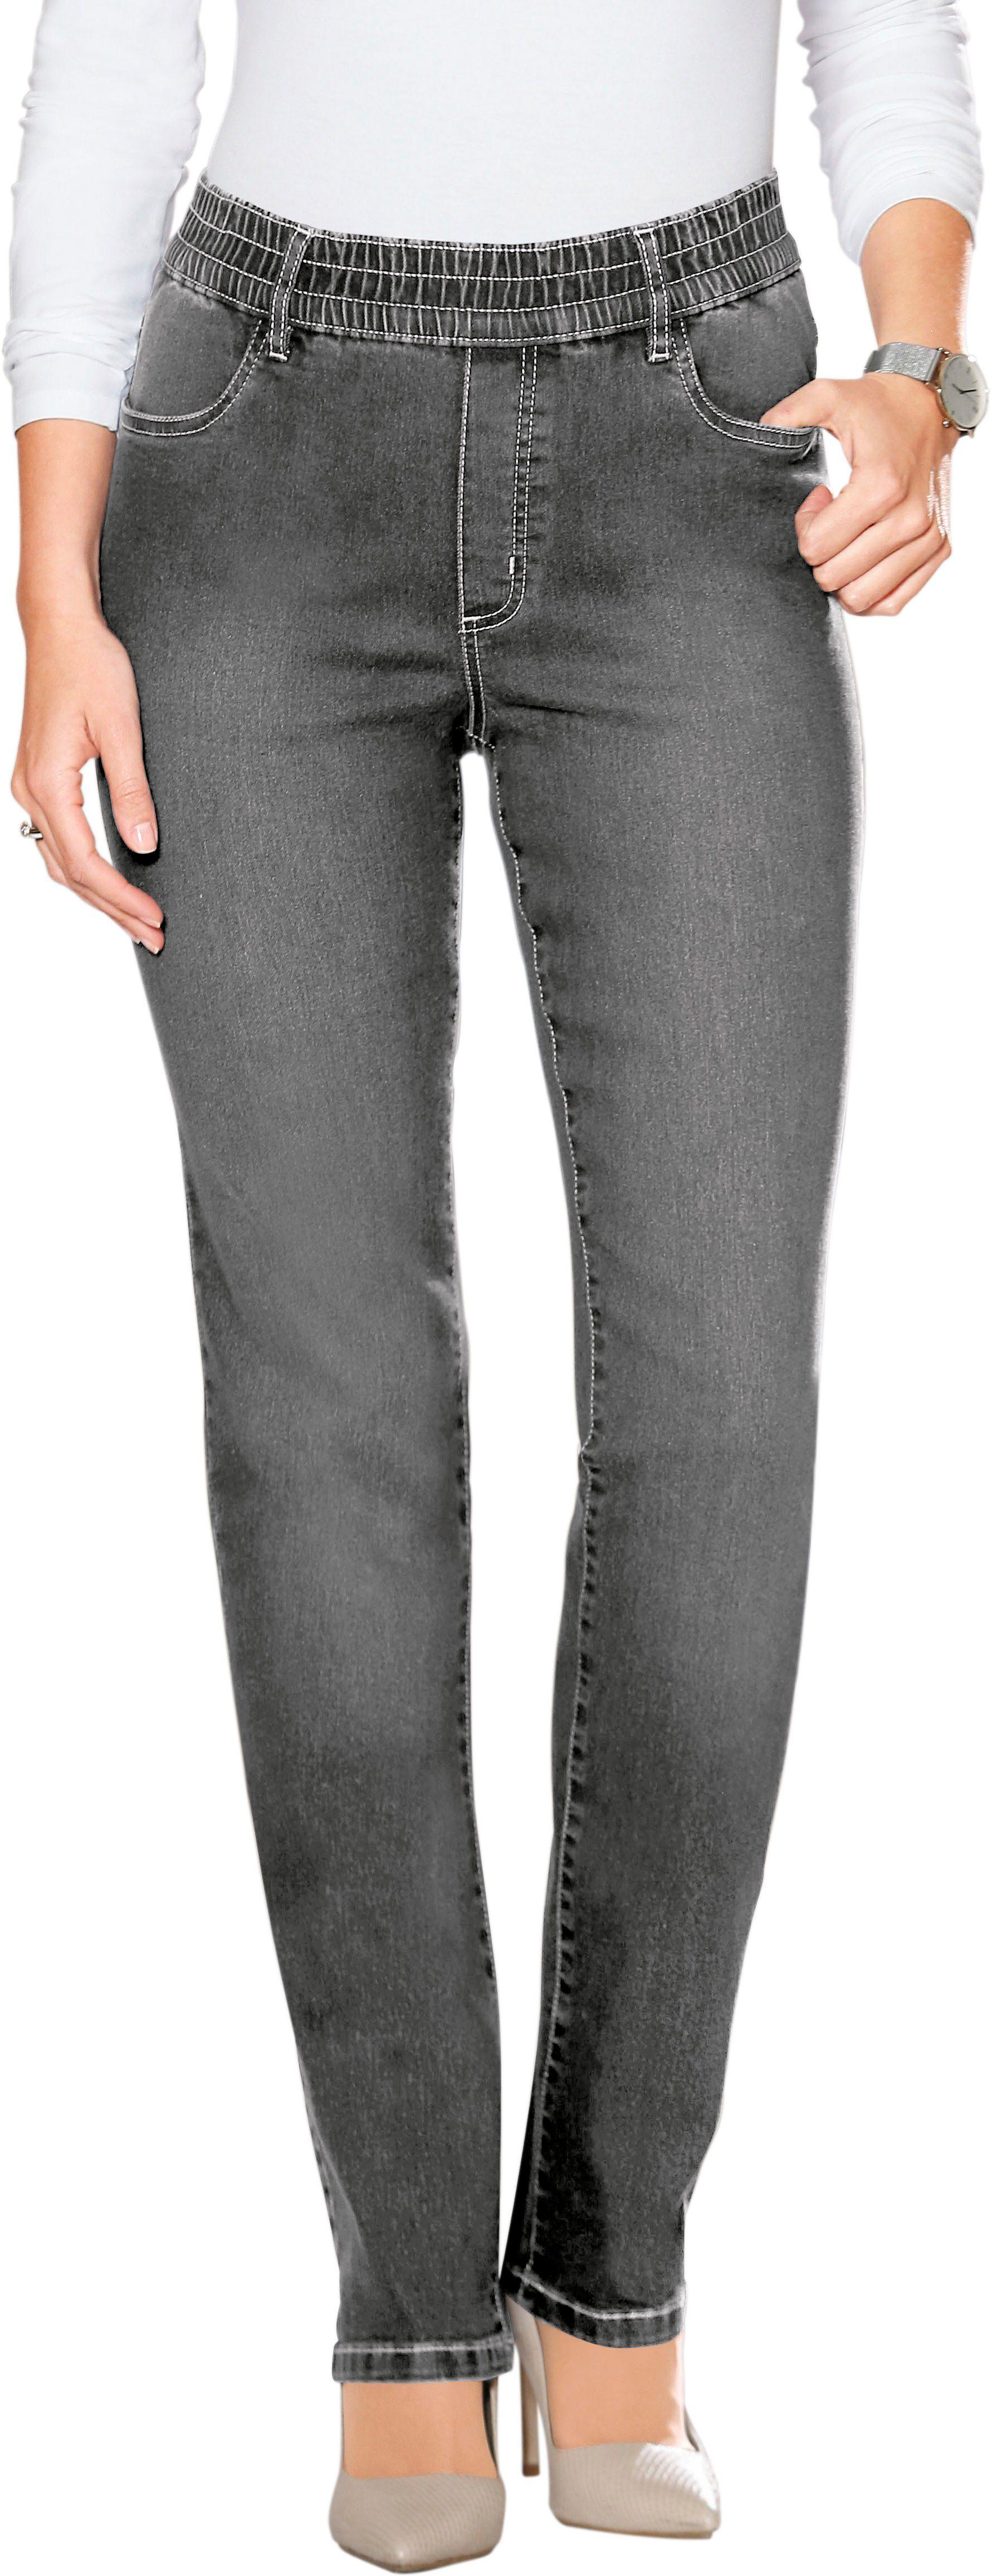 Classic Basics Jeans Met Elastische Band Rondom Online Kopen - Geweldige Prijs